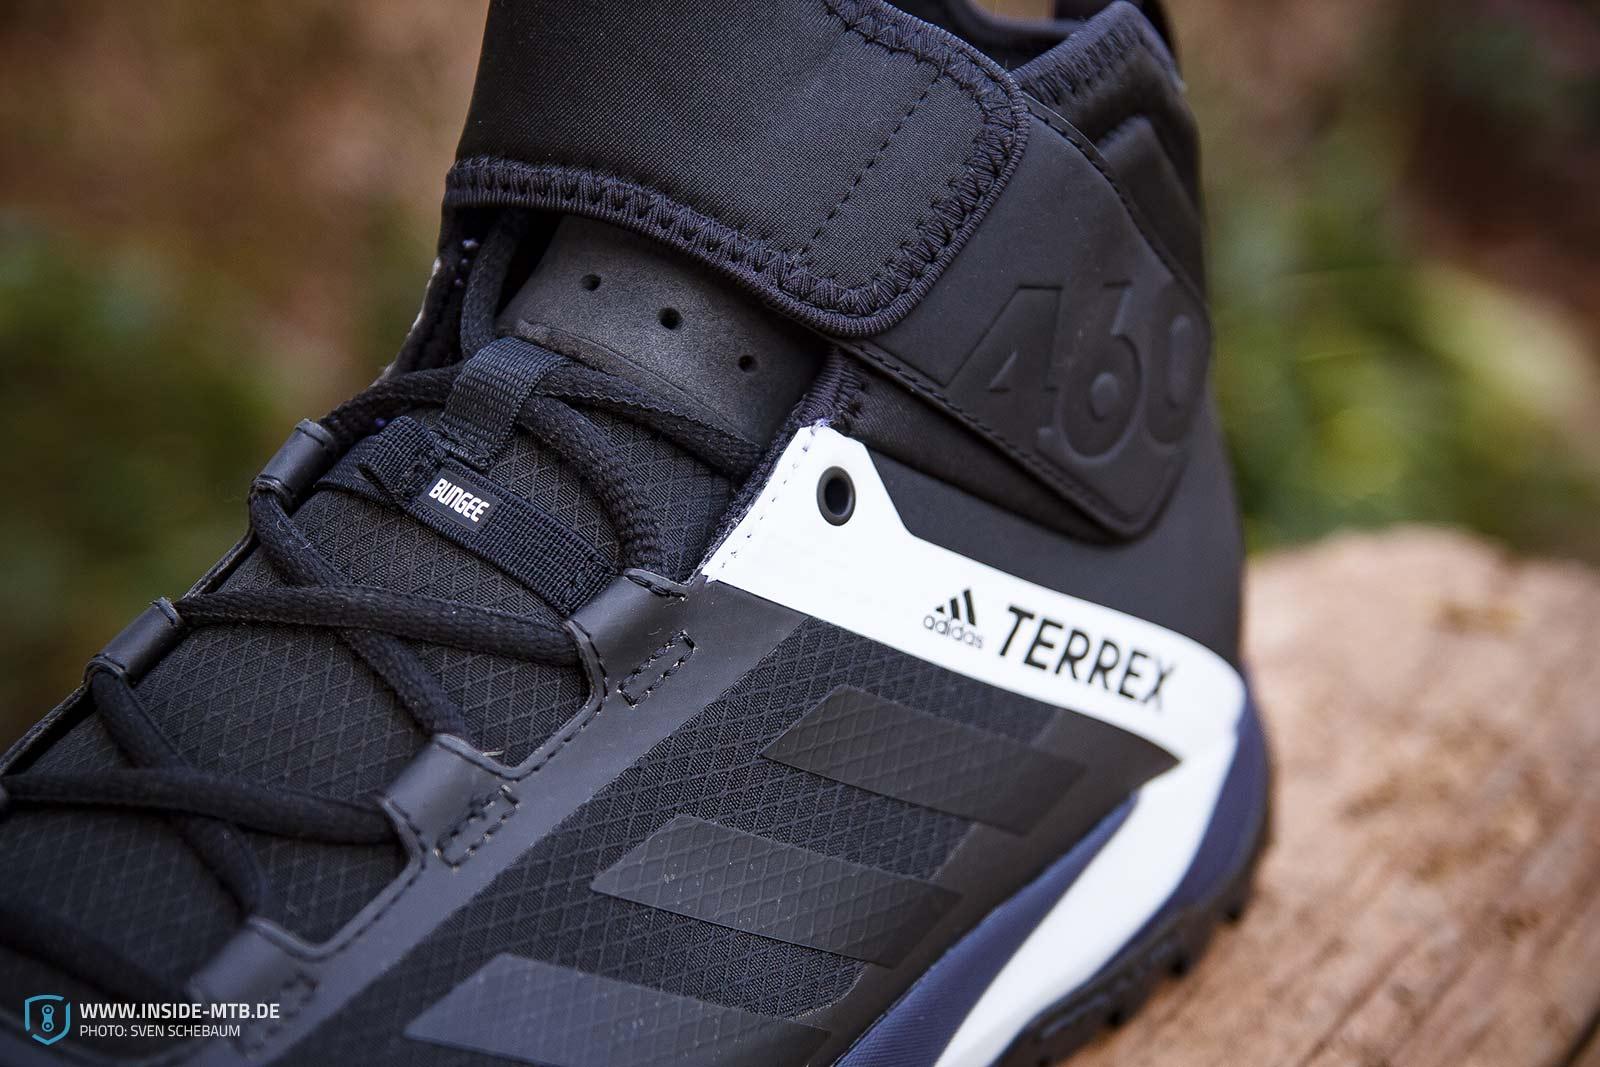 839d5b5fea8 Optisch gibt es am Adidas Terrex Trailcross Protect nichts zu zu bemängeln.  Soviel er auf technischer Ebene auch mit 5.10 Schuhen gemeinsam hat